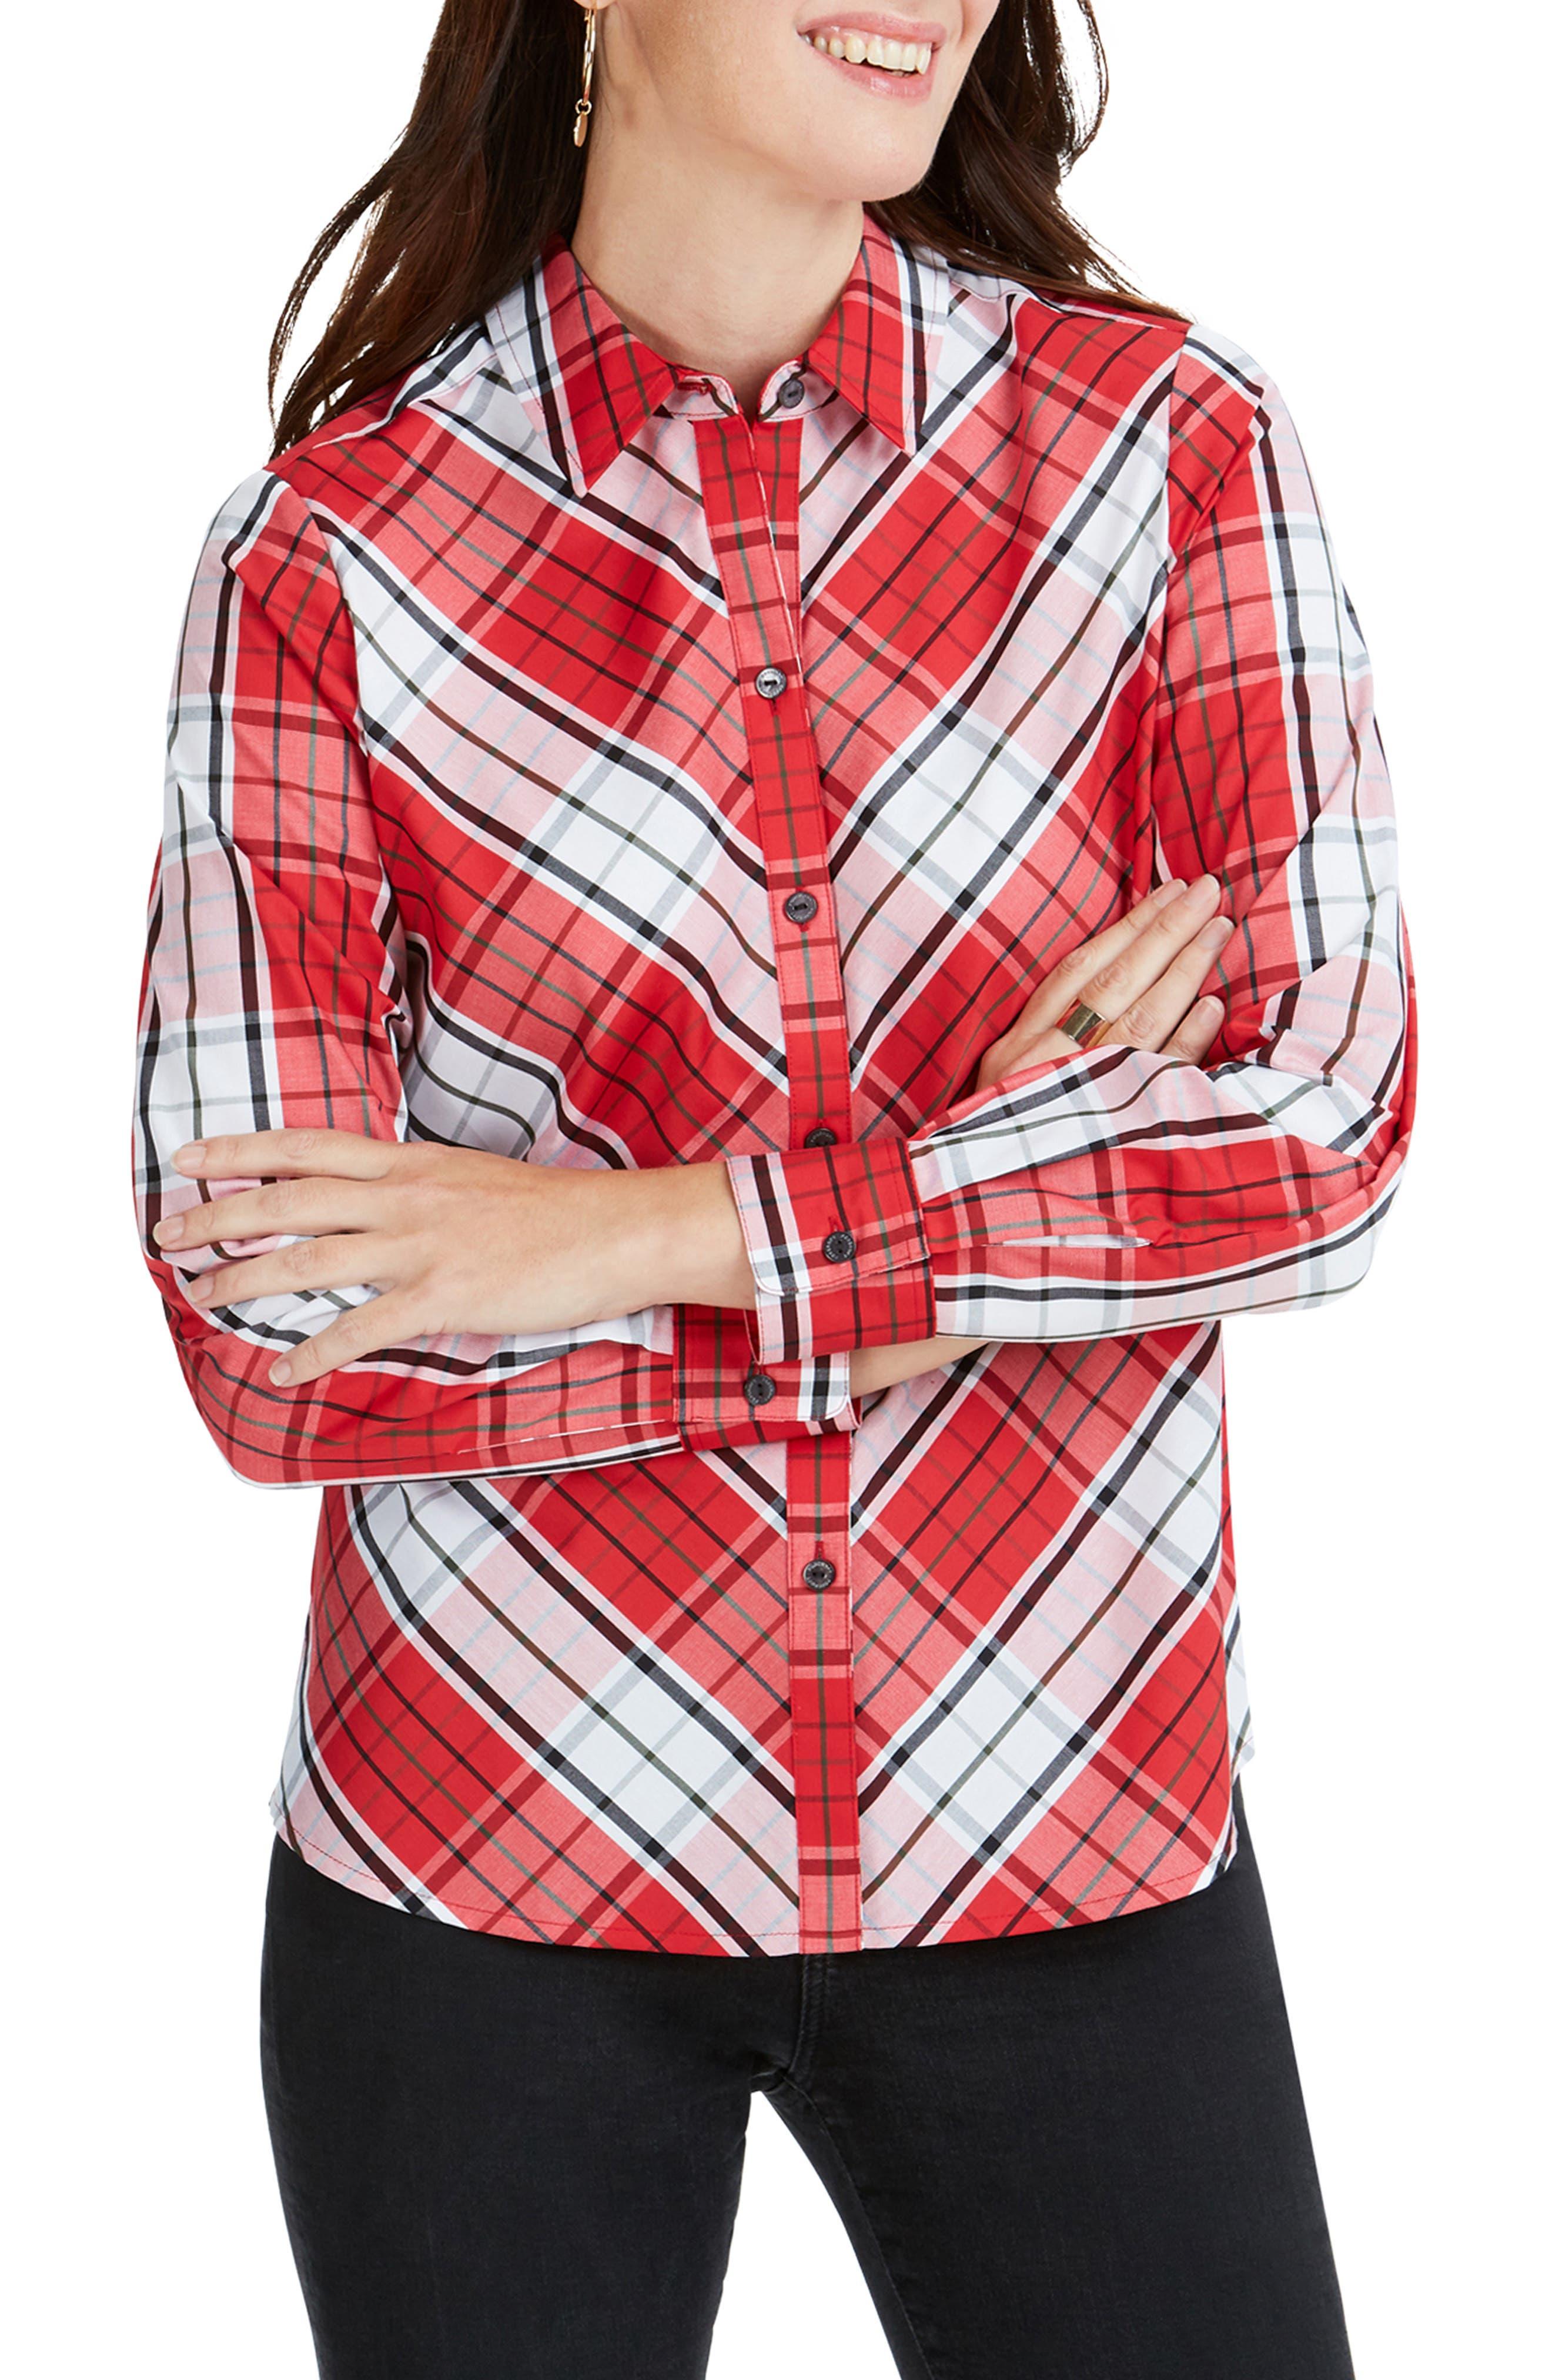 Foxcroft Tina Campbell Tartan Shirt, Red